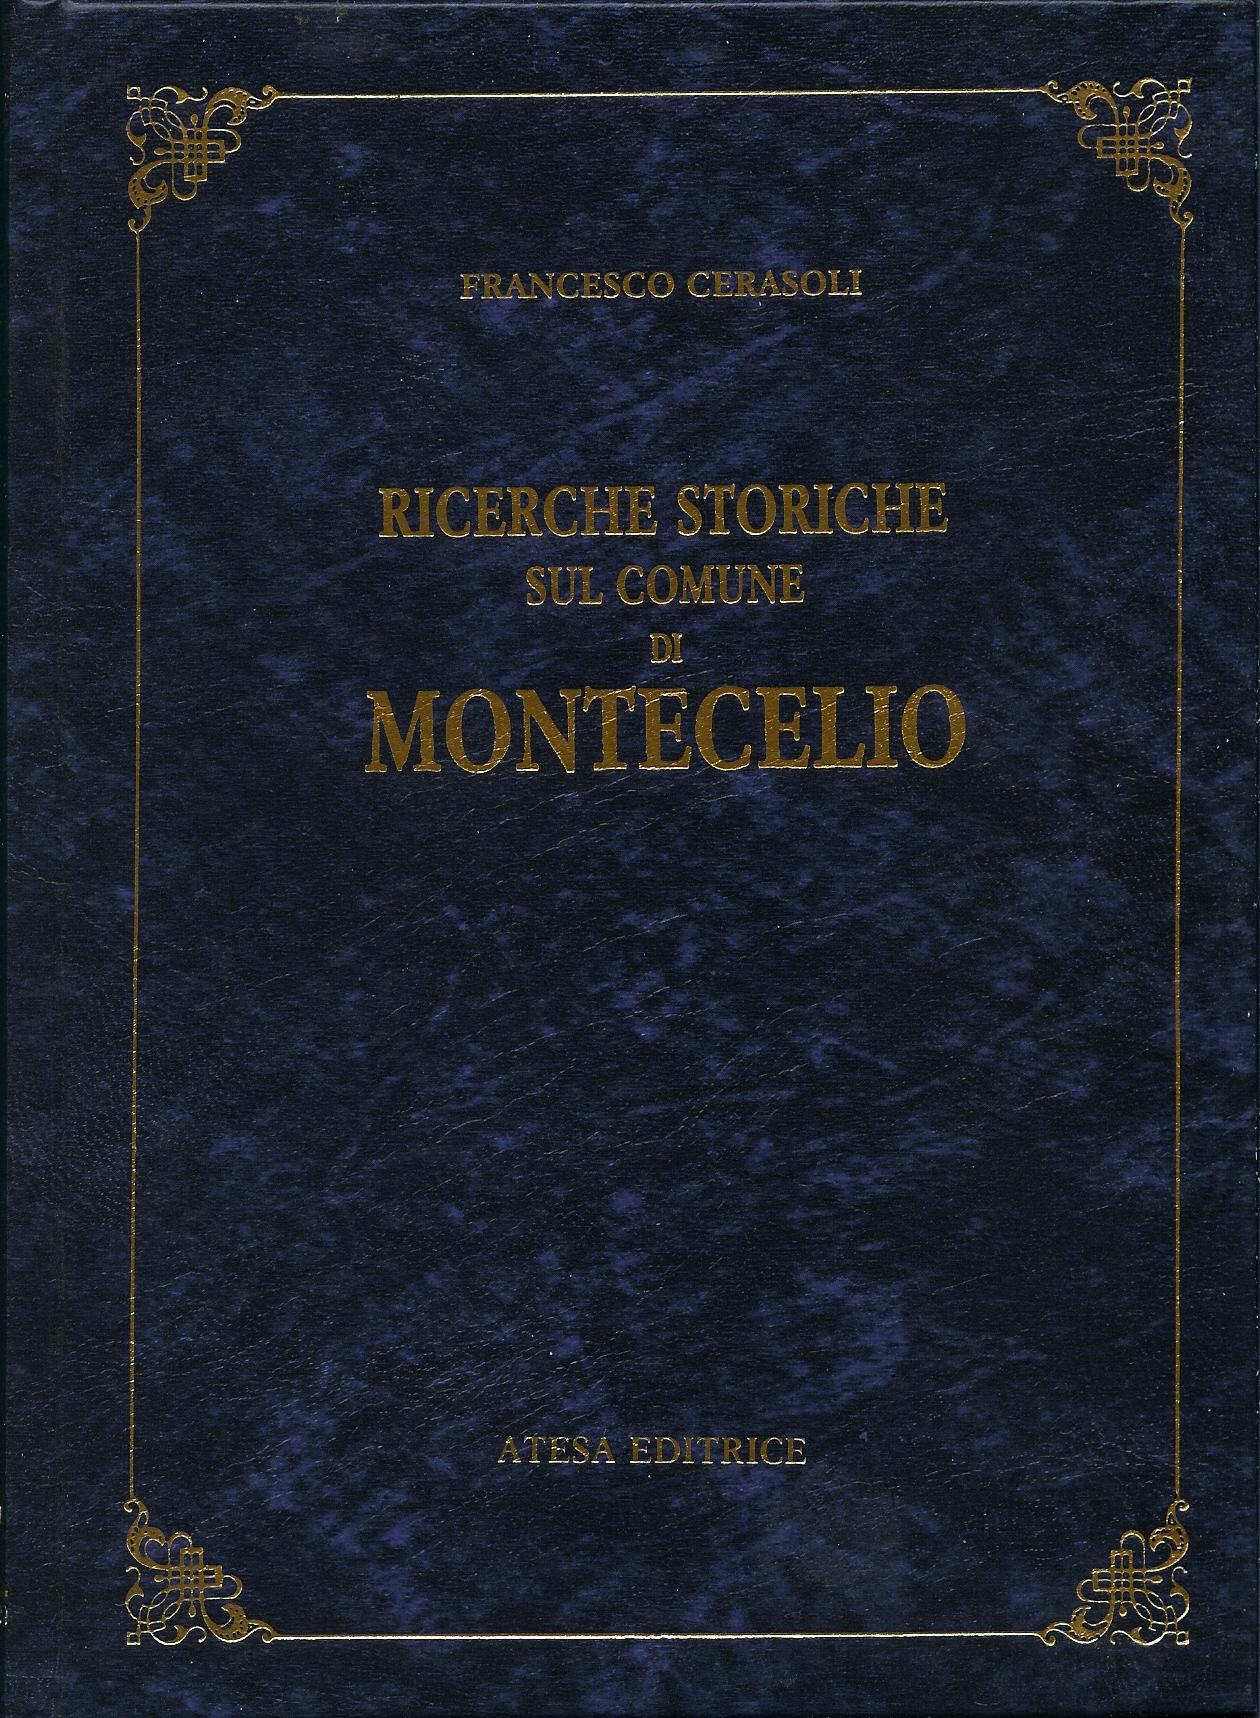 Ricerche storiche del comune di Montecelio (rist. anast. Roma, 1890)